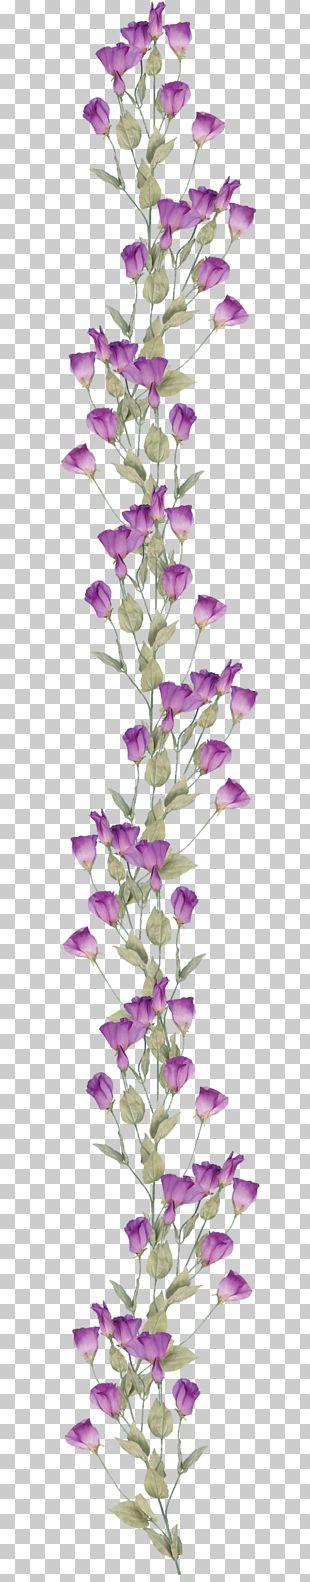 Flower Bouquet Purple Nosegay PNG